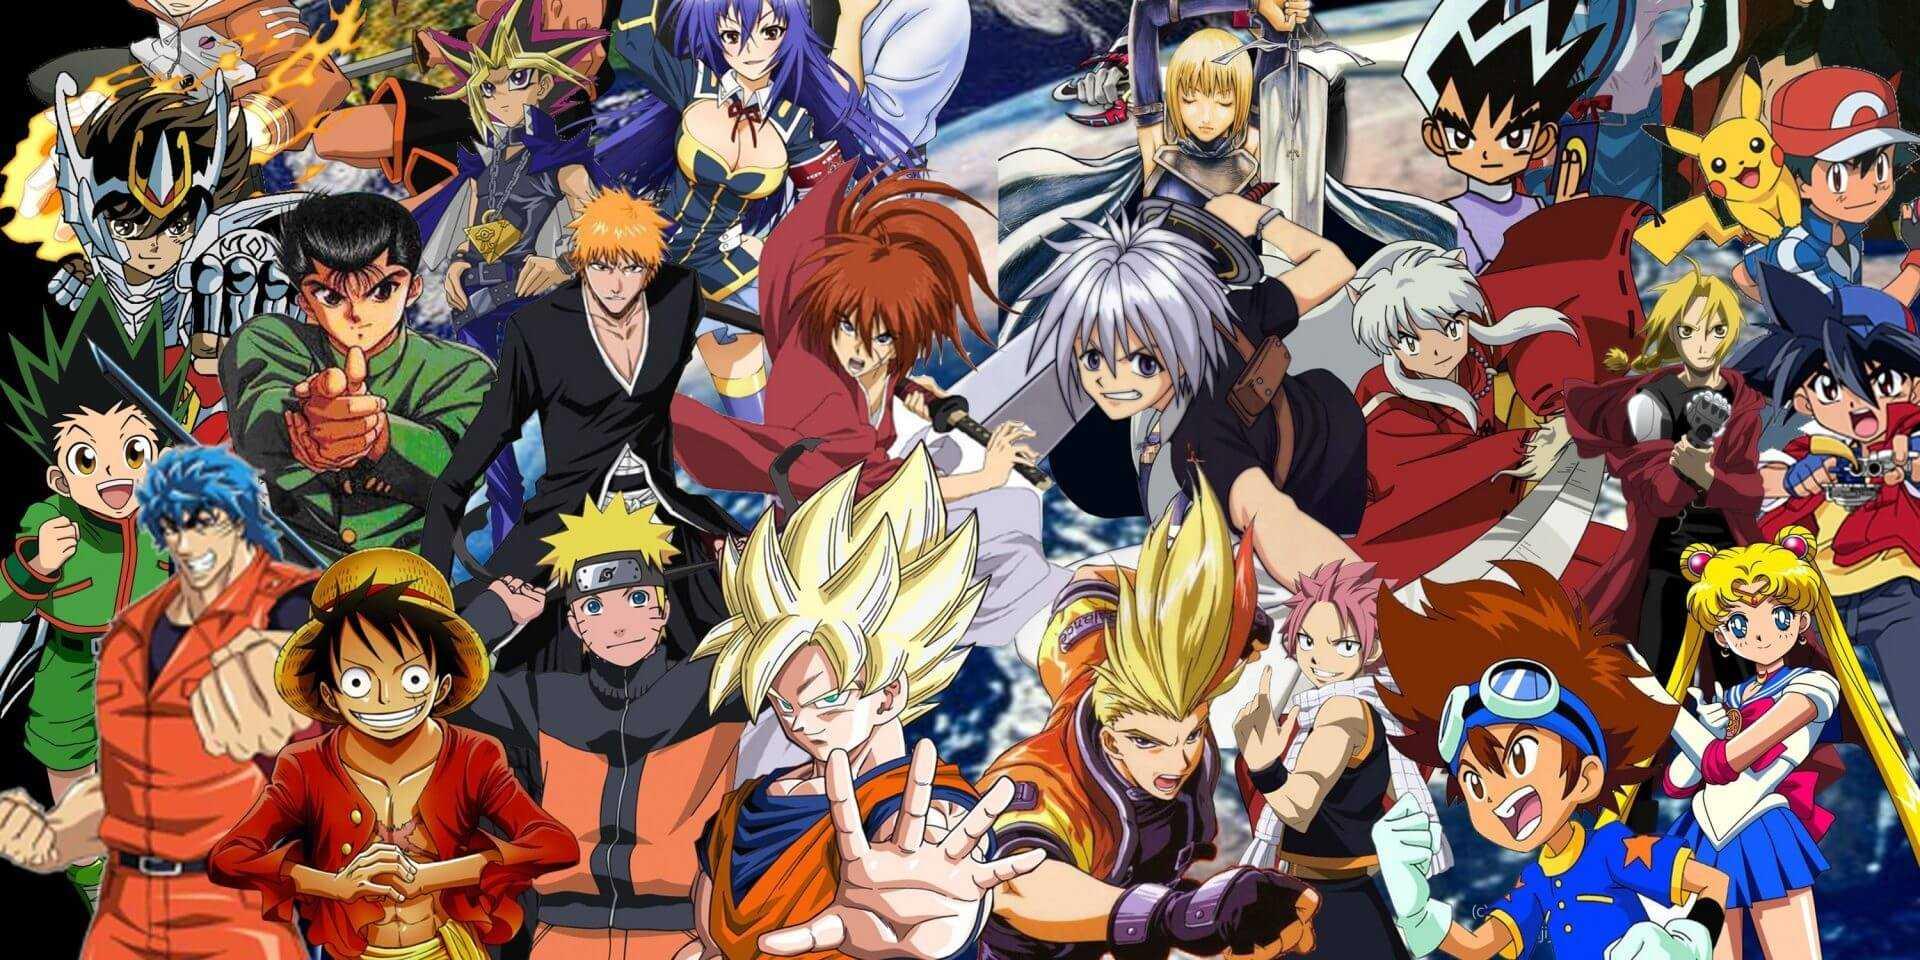 Imagem com vários personagens de animes